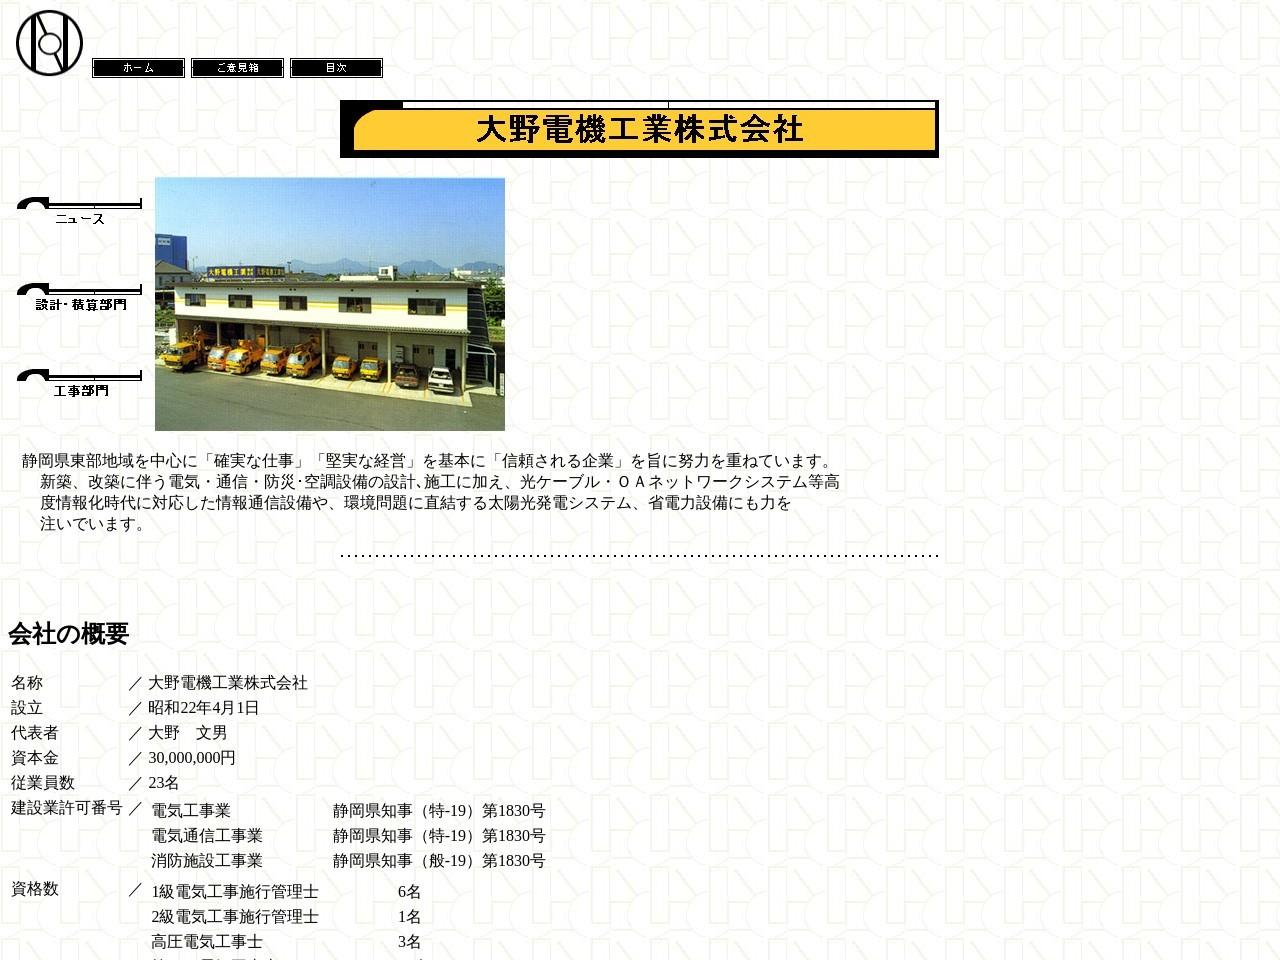 大野電機工業株式会社